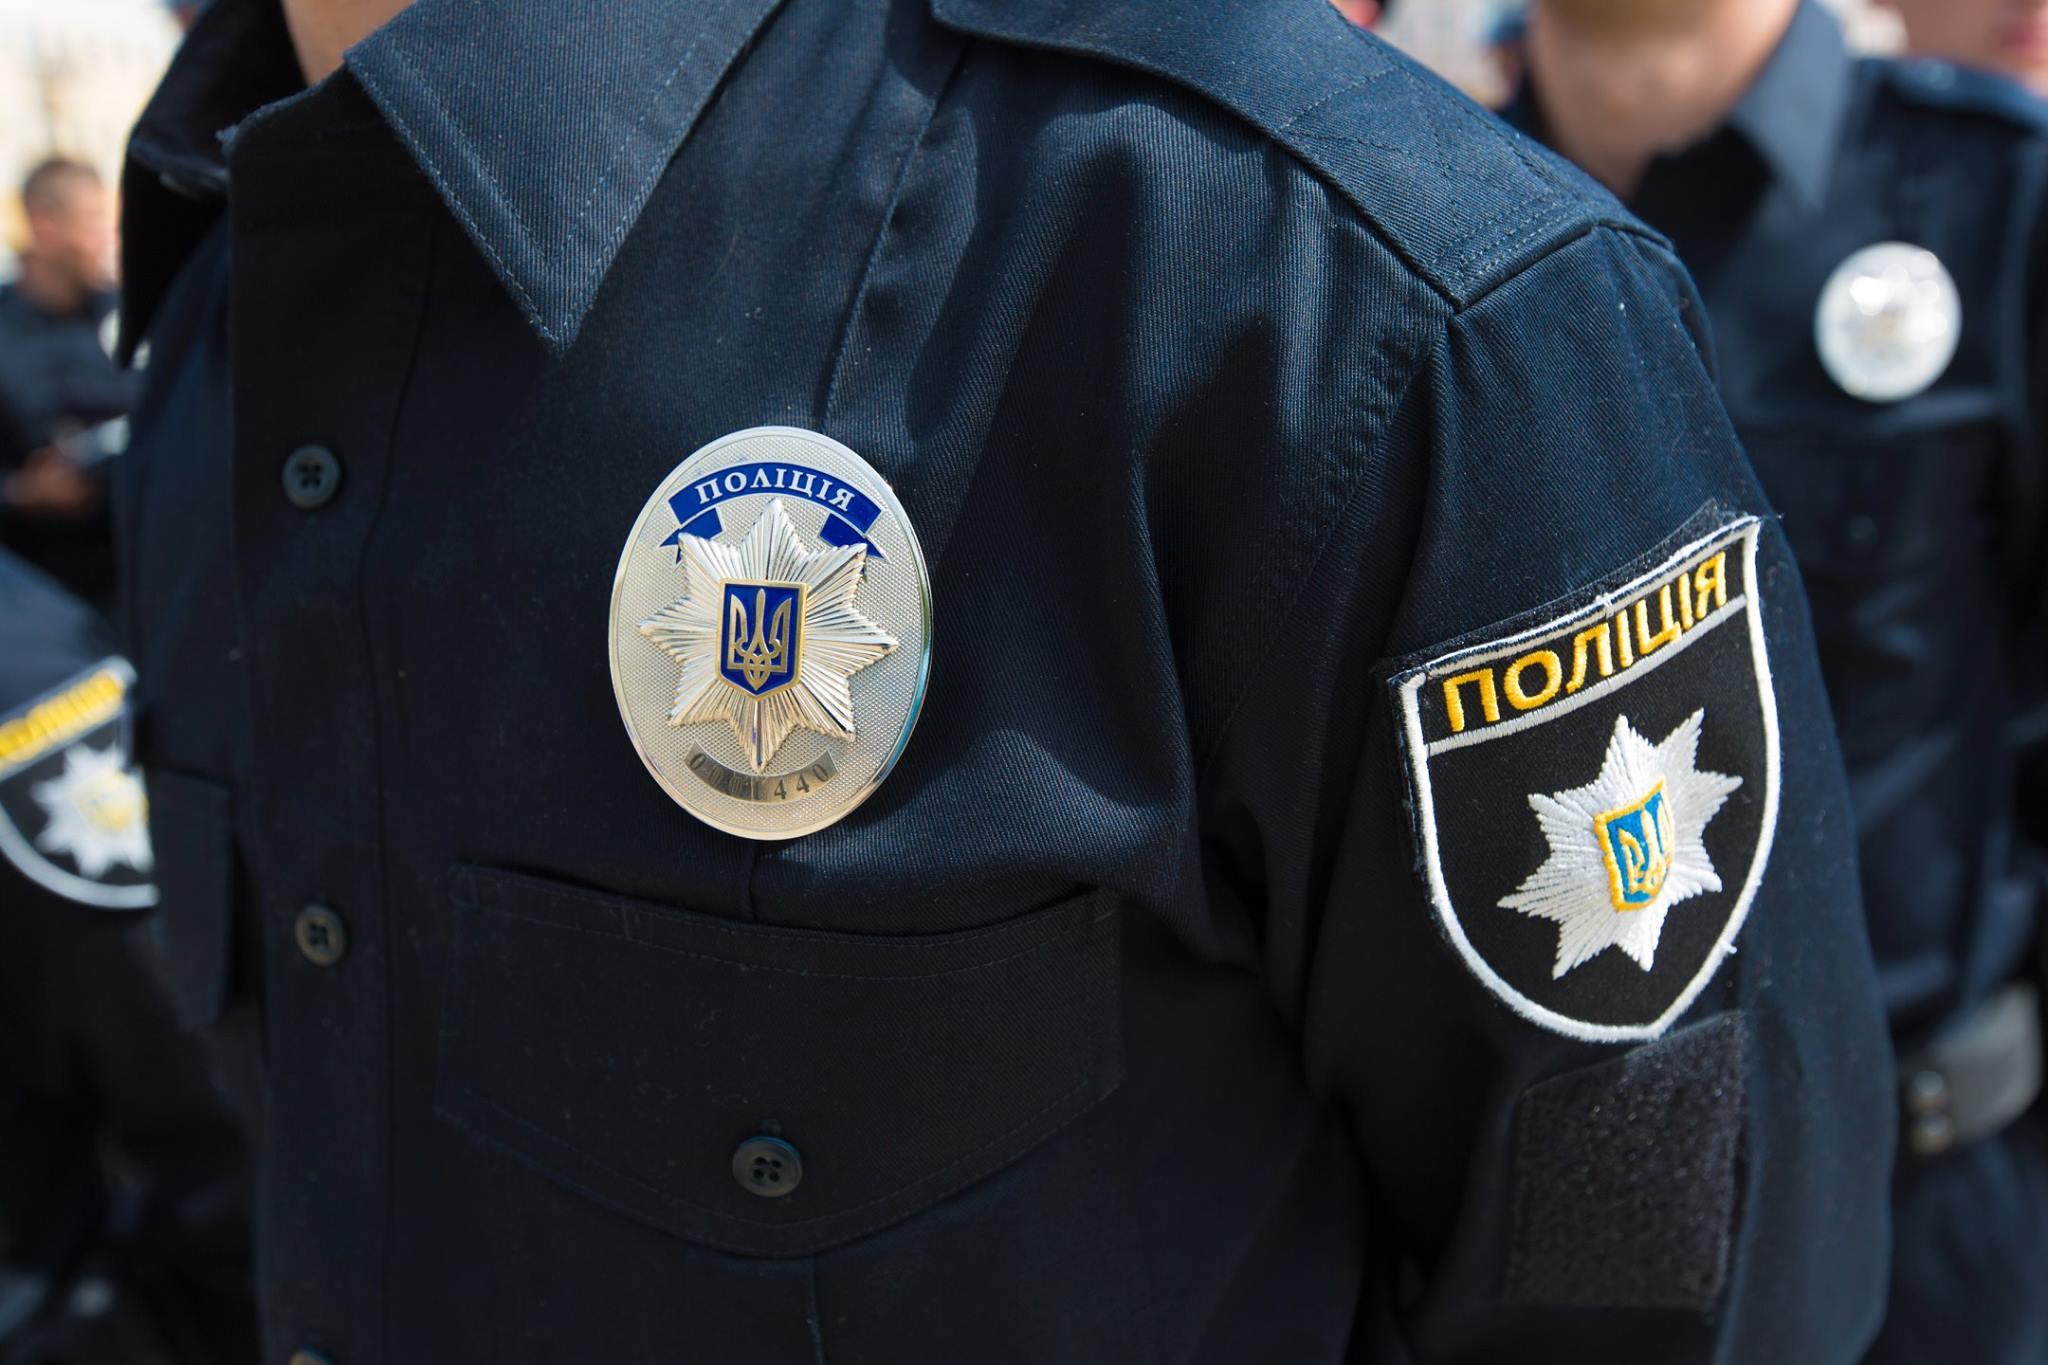 Поліція у Маріуполі запустила систему відеоконтролю за порядком